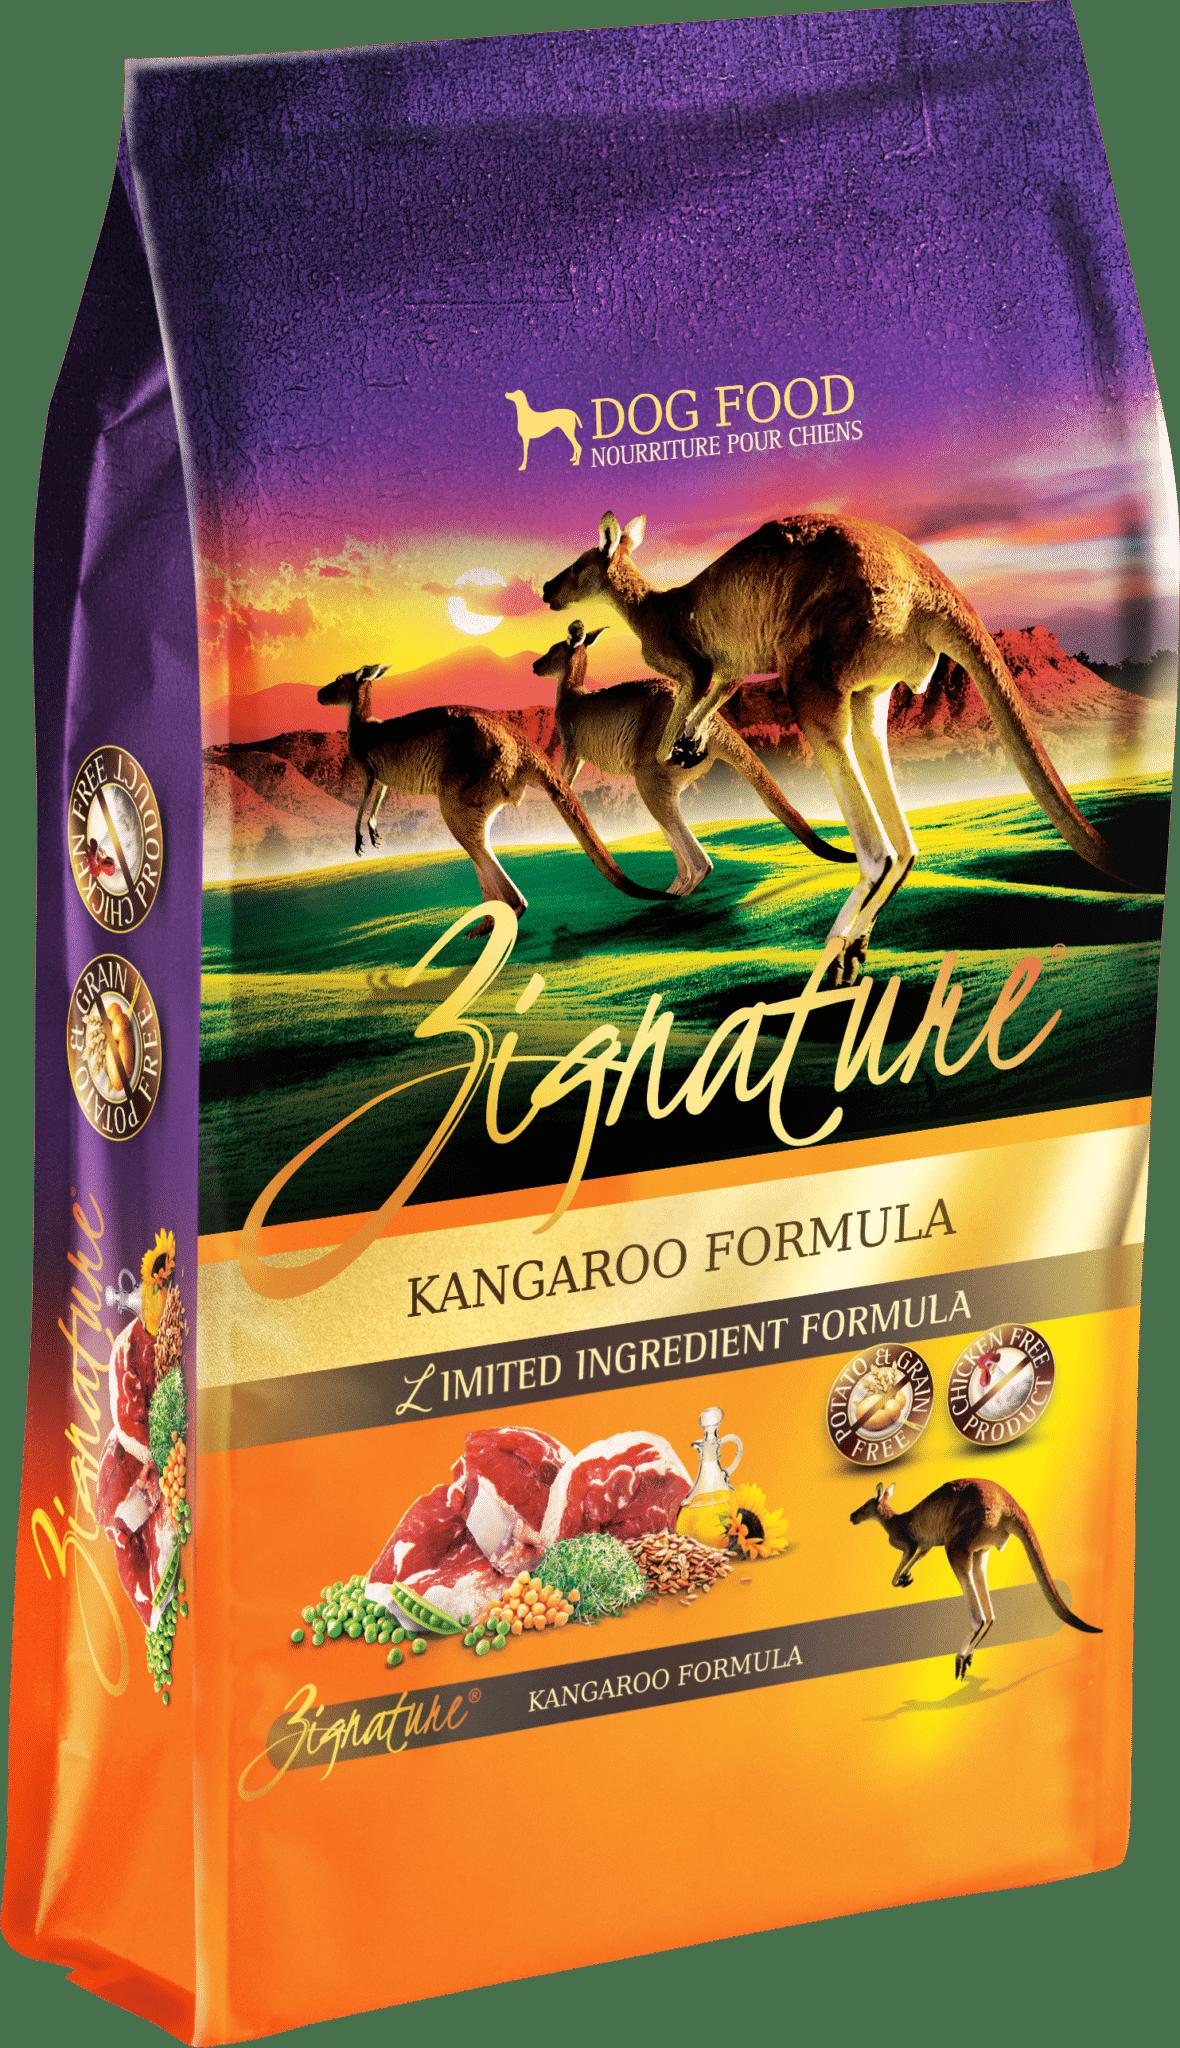 Zignature Zignature Kangaroo Limited Ingredient Formula Dog Food 4lbs Product Image